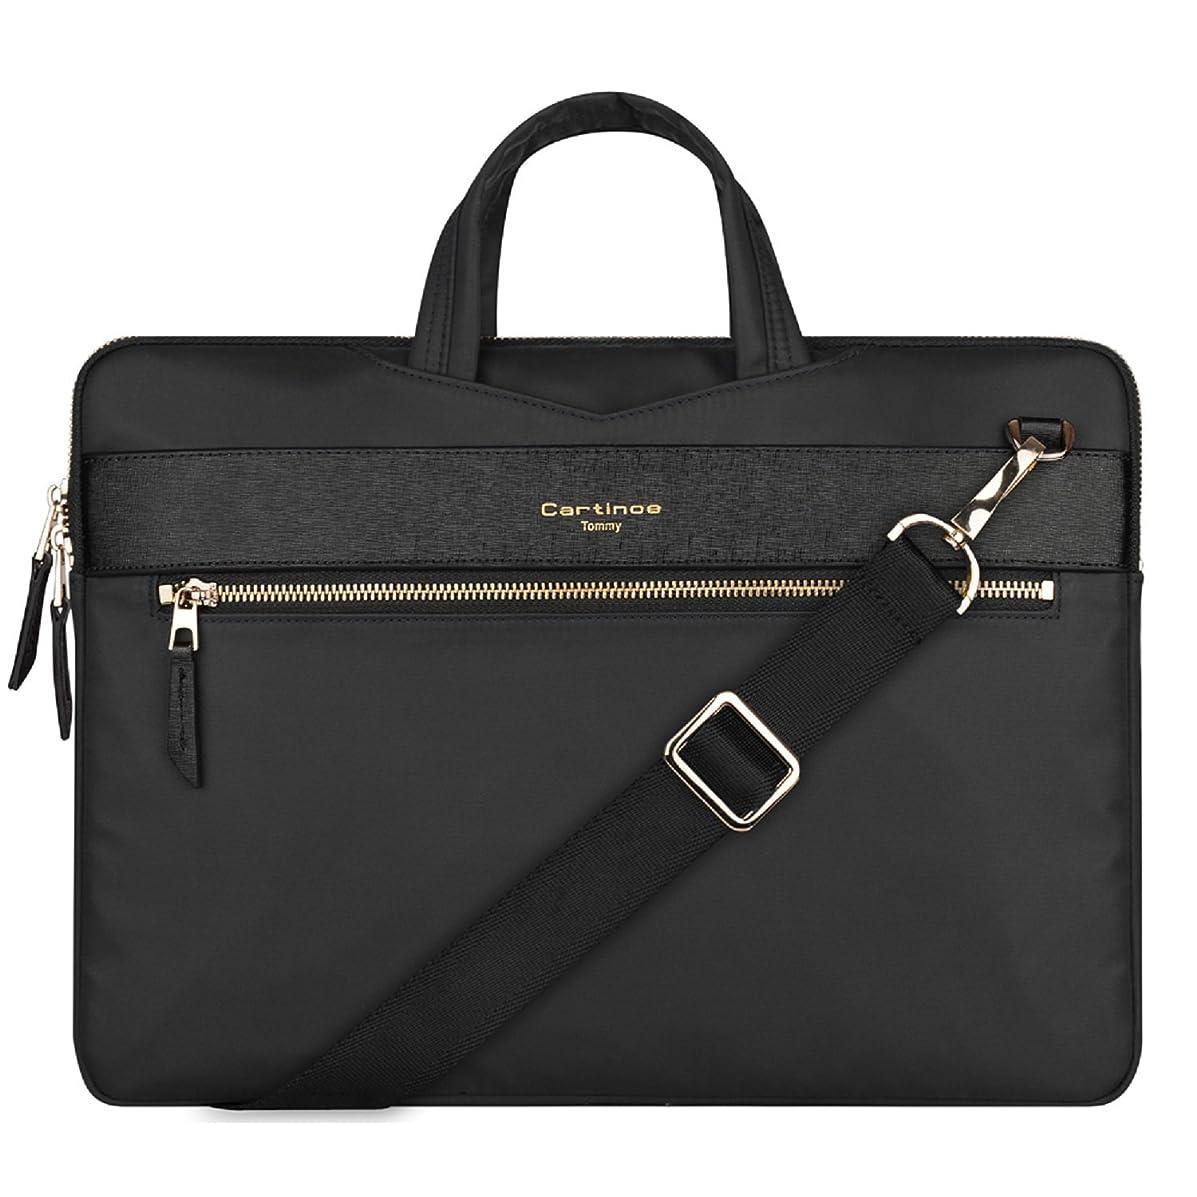 13 inch Laptop Bag, College Business  Briefcase Laptop Sleeve Case 12-13.3 inch Laptop Shoulder Messenger Bag  for Apple MacBook Pro 13/ ASUS Lenovo HP Acer Chromebook Ultrabook 13 -  Black